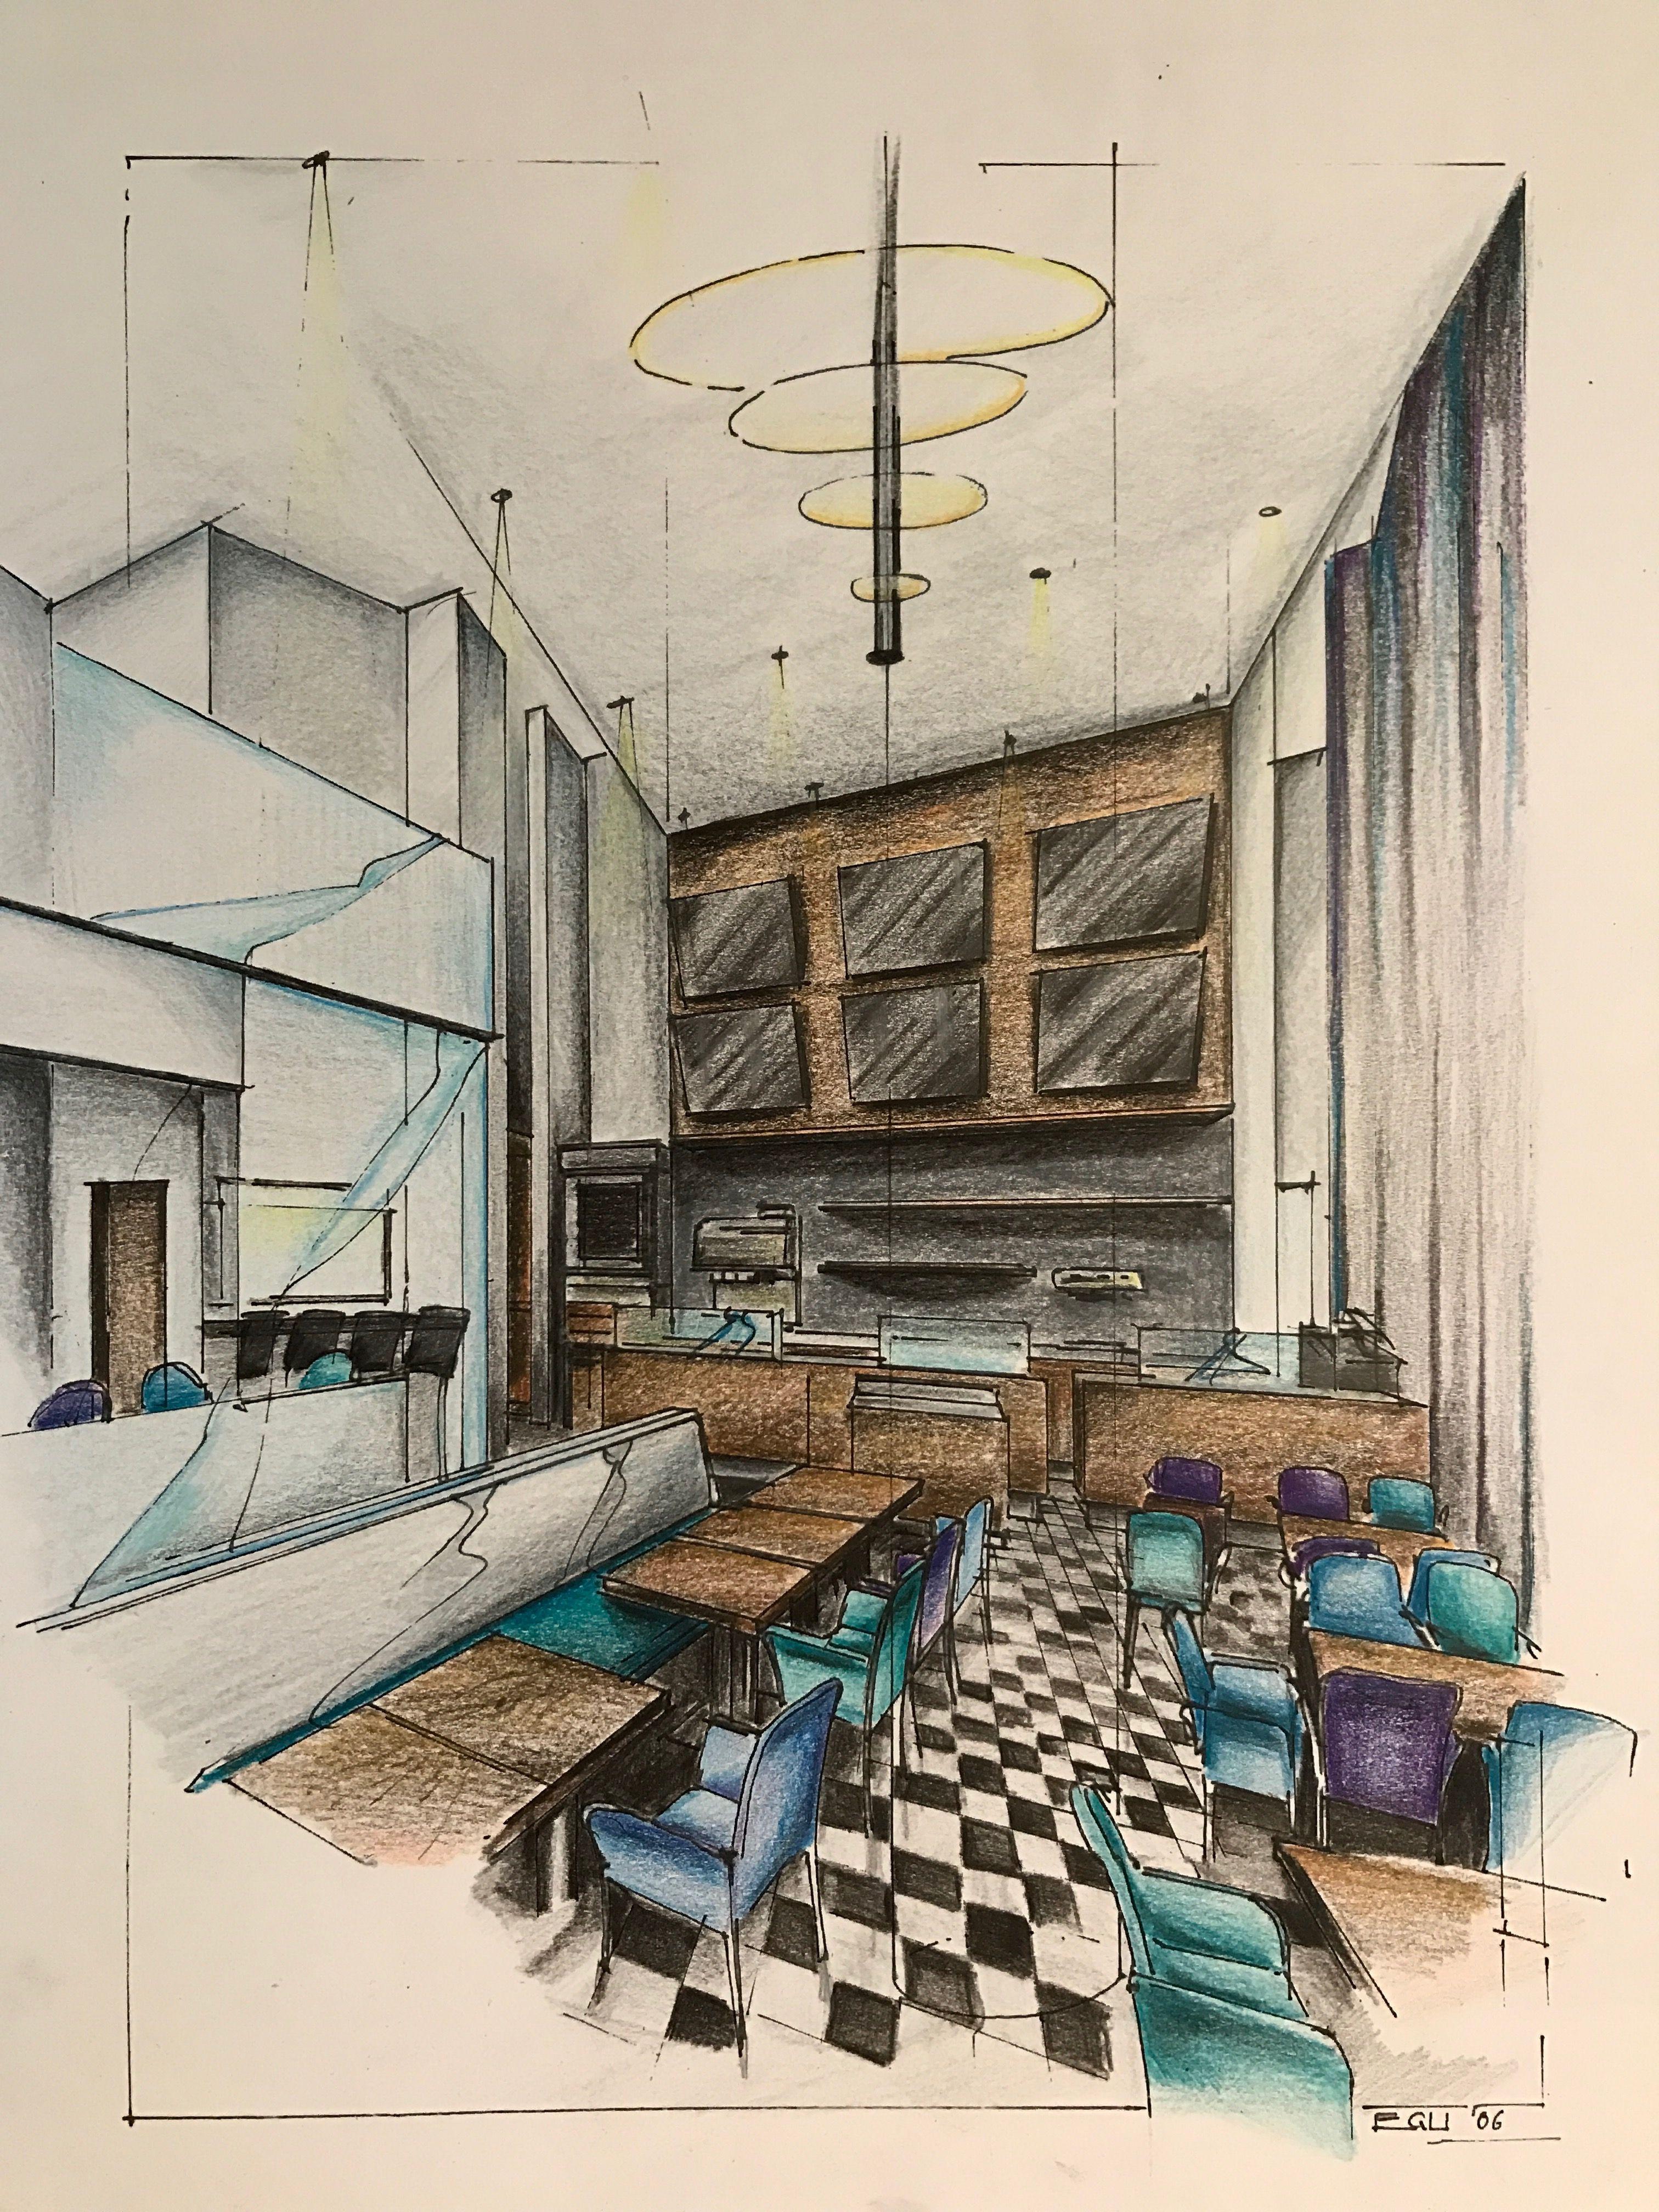 Pin von ruedi enzler auf Hf Innenarchitekt   Architekt, Innenarchitekt